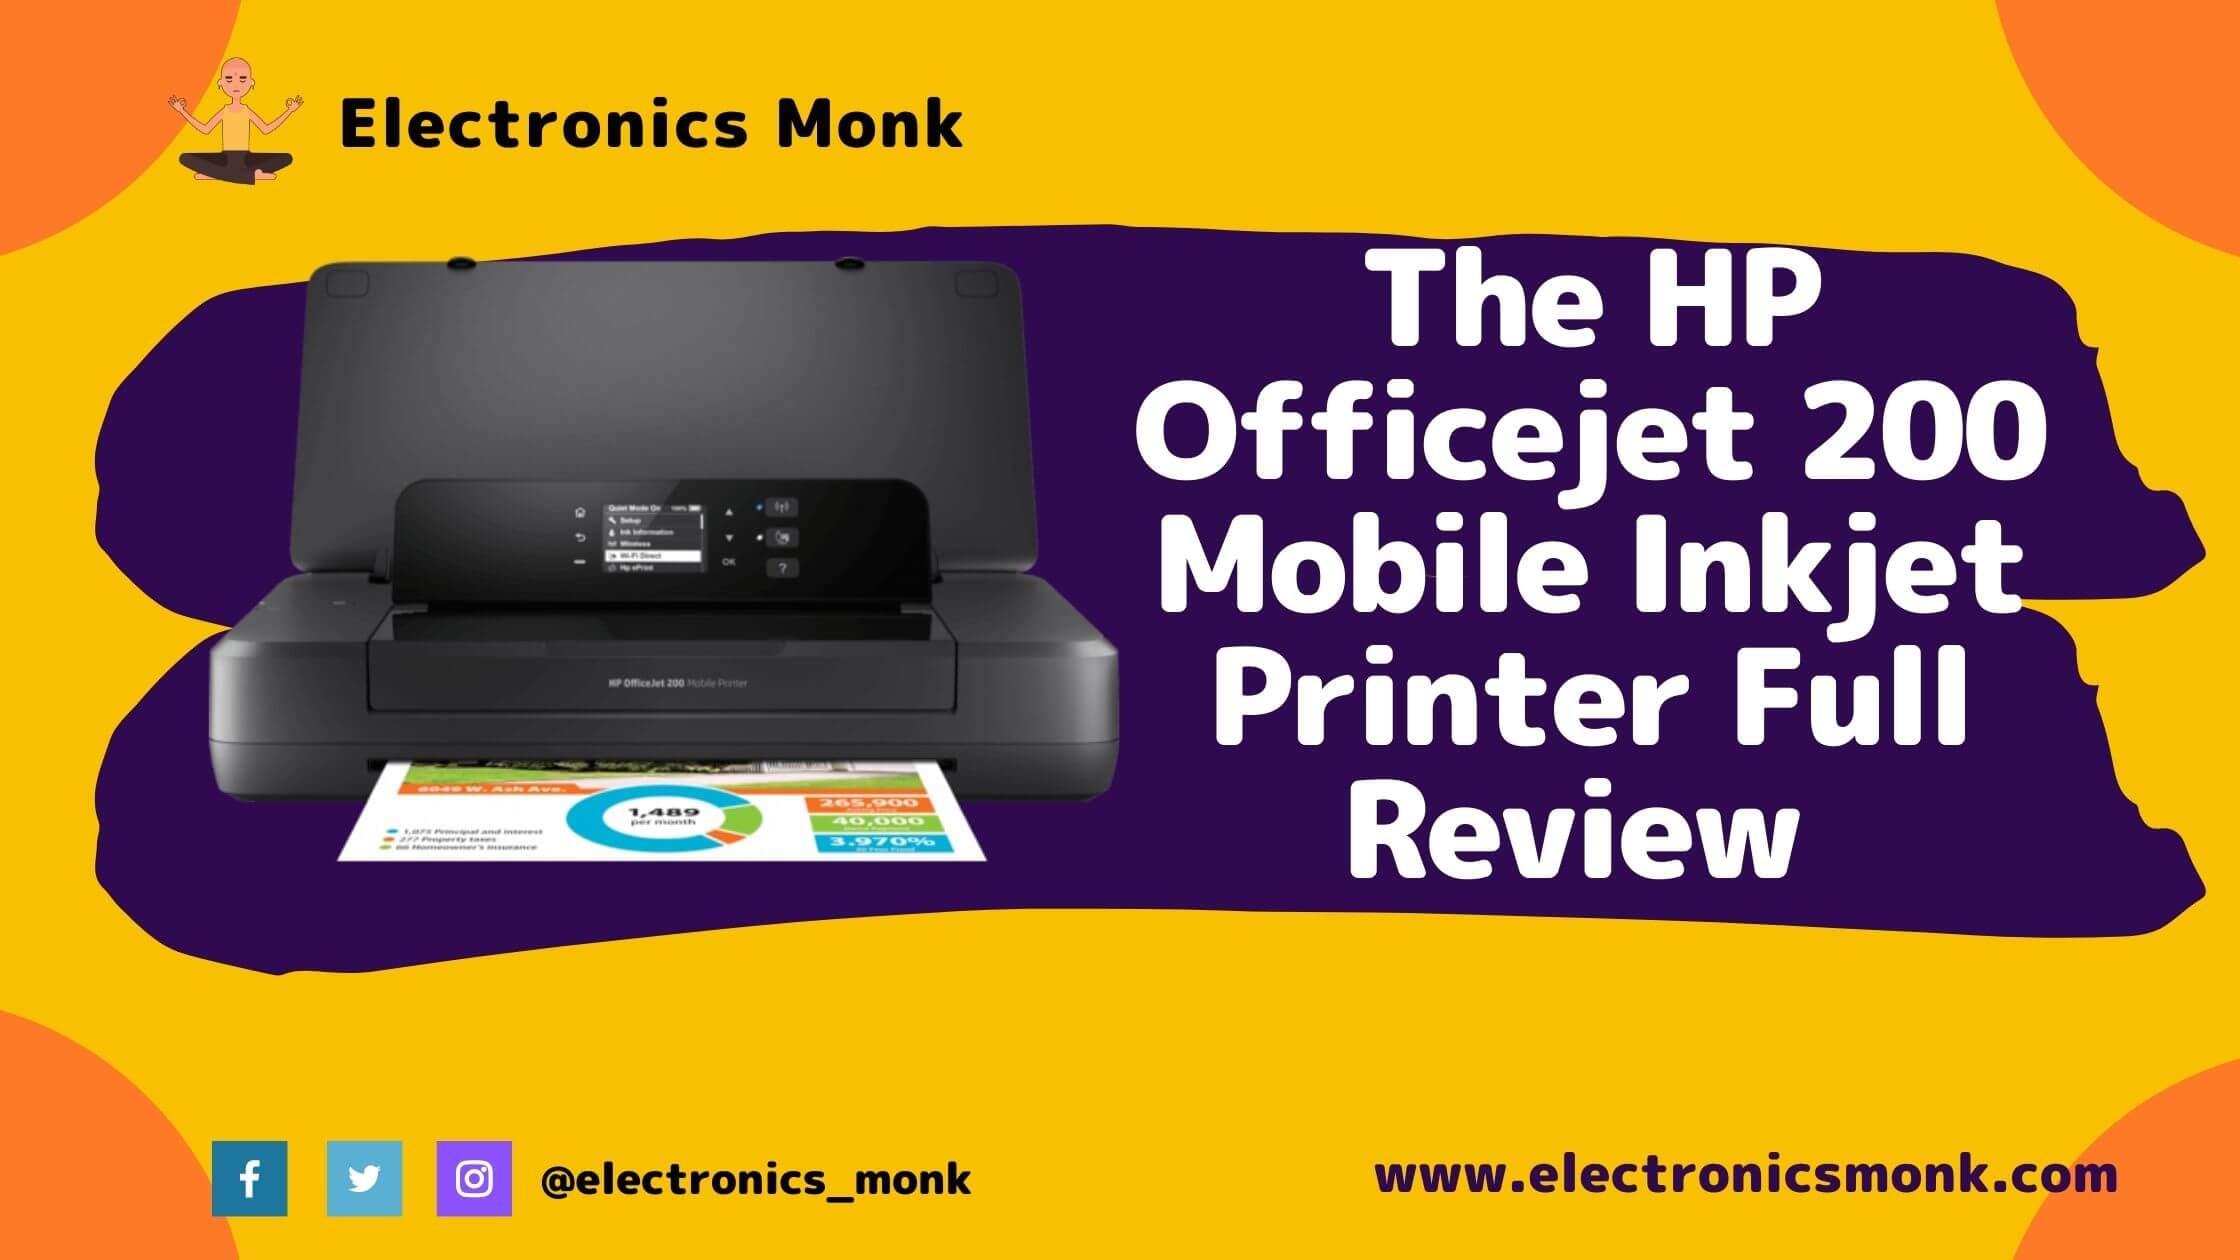 The HP OfficeJet 200 Mobile Inkjet Printer Full Review